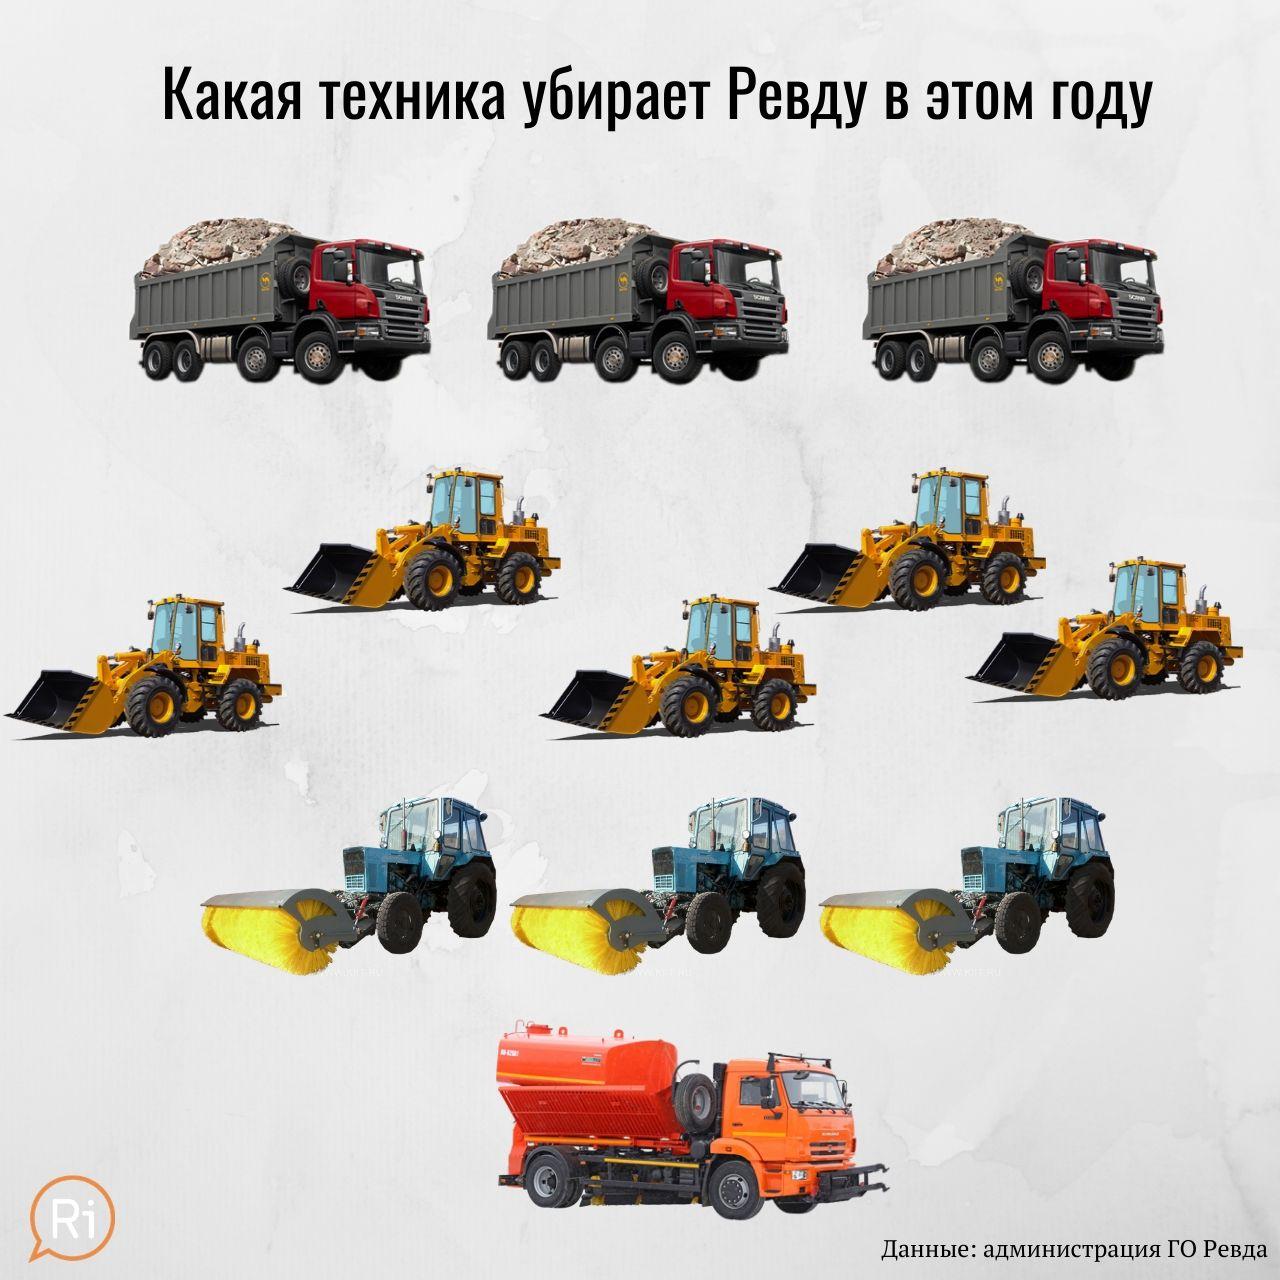 CHto-delat-chtoby-minimizirovat-vred-gazov-v-vozduhe-1